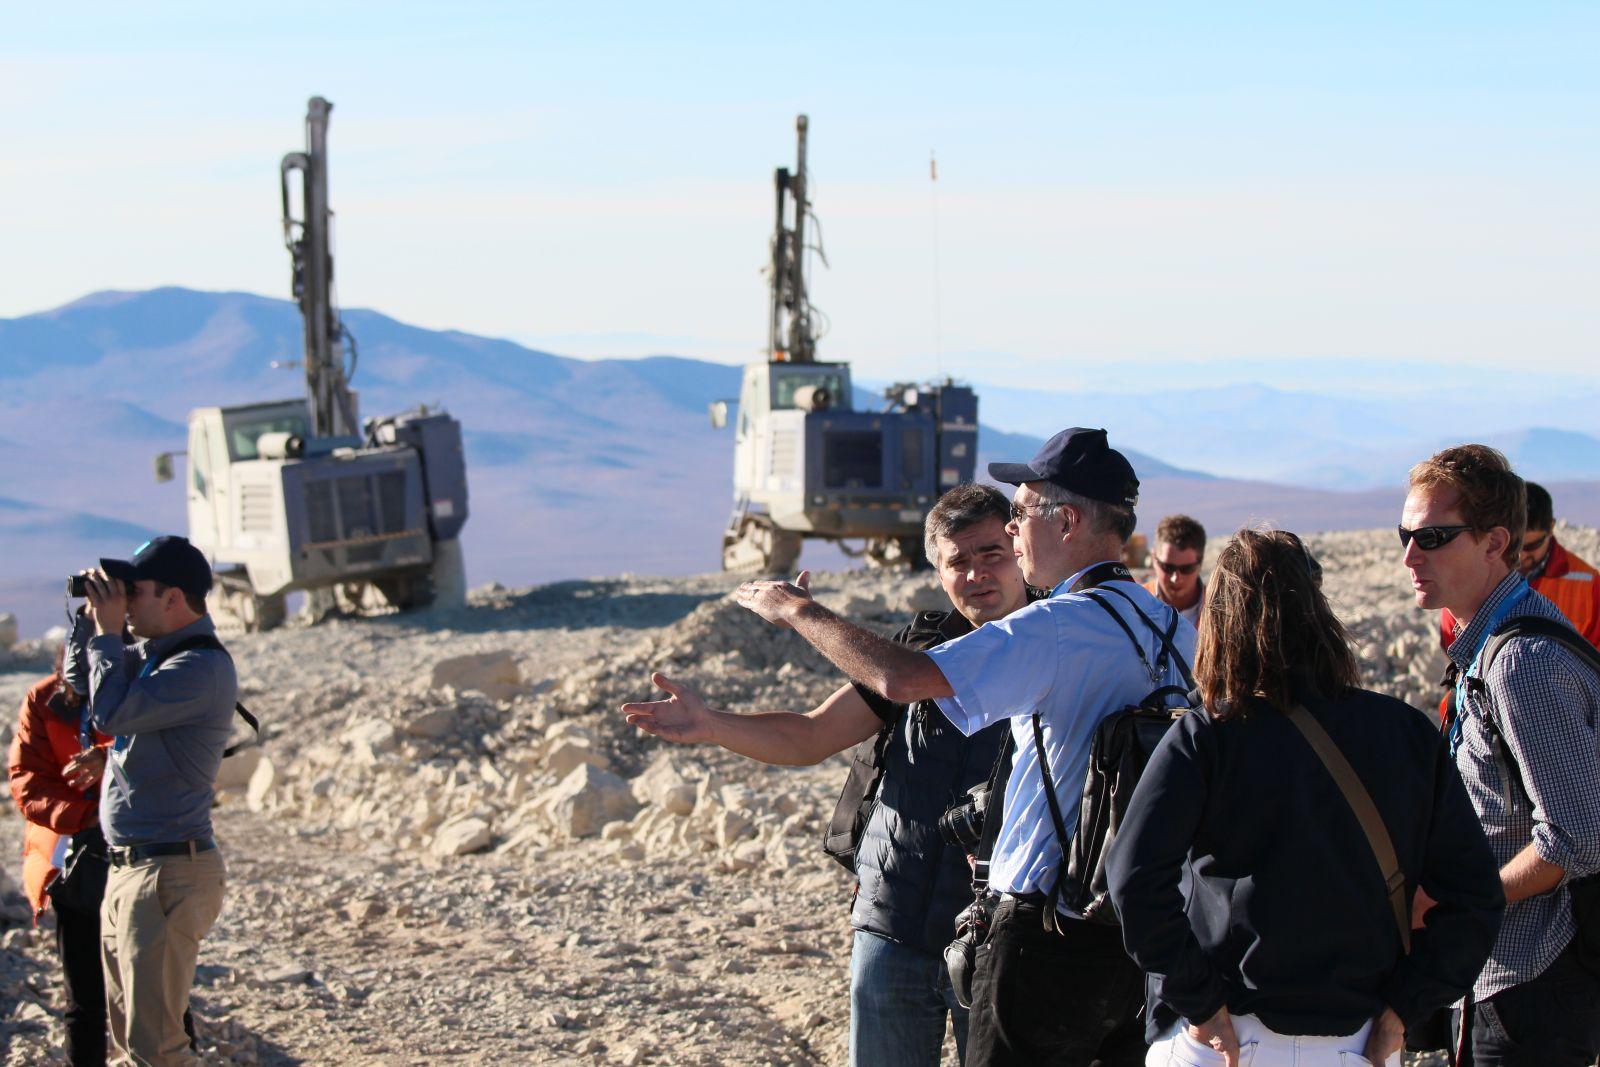 Auf dem Gipfel, im Hintergrund die Bohrmaschinen, mit denen die Sprengladungen platziert werden (Foto: Georg Görgen)